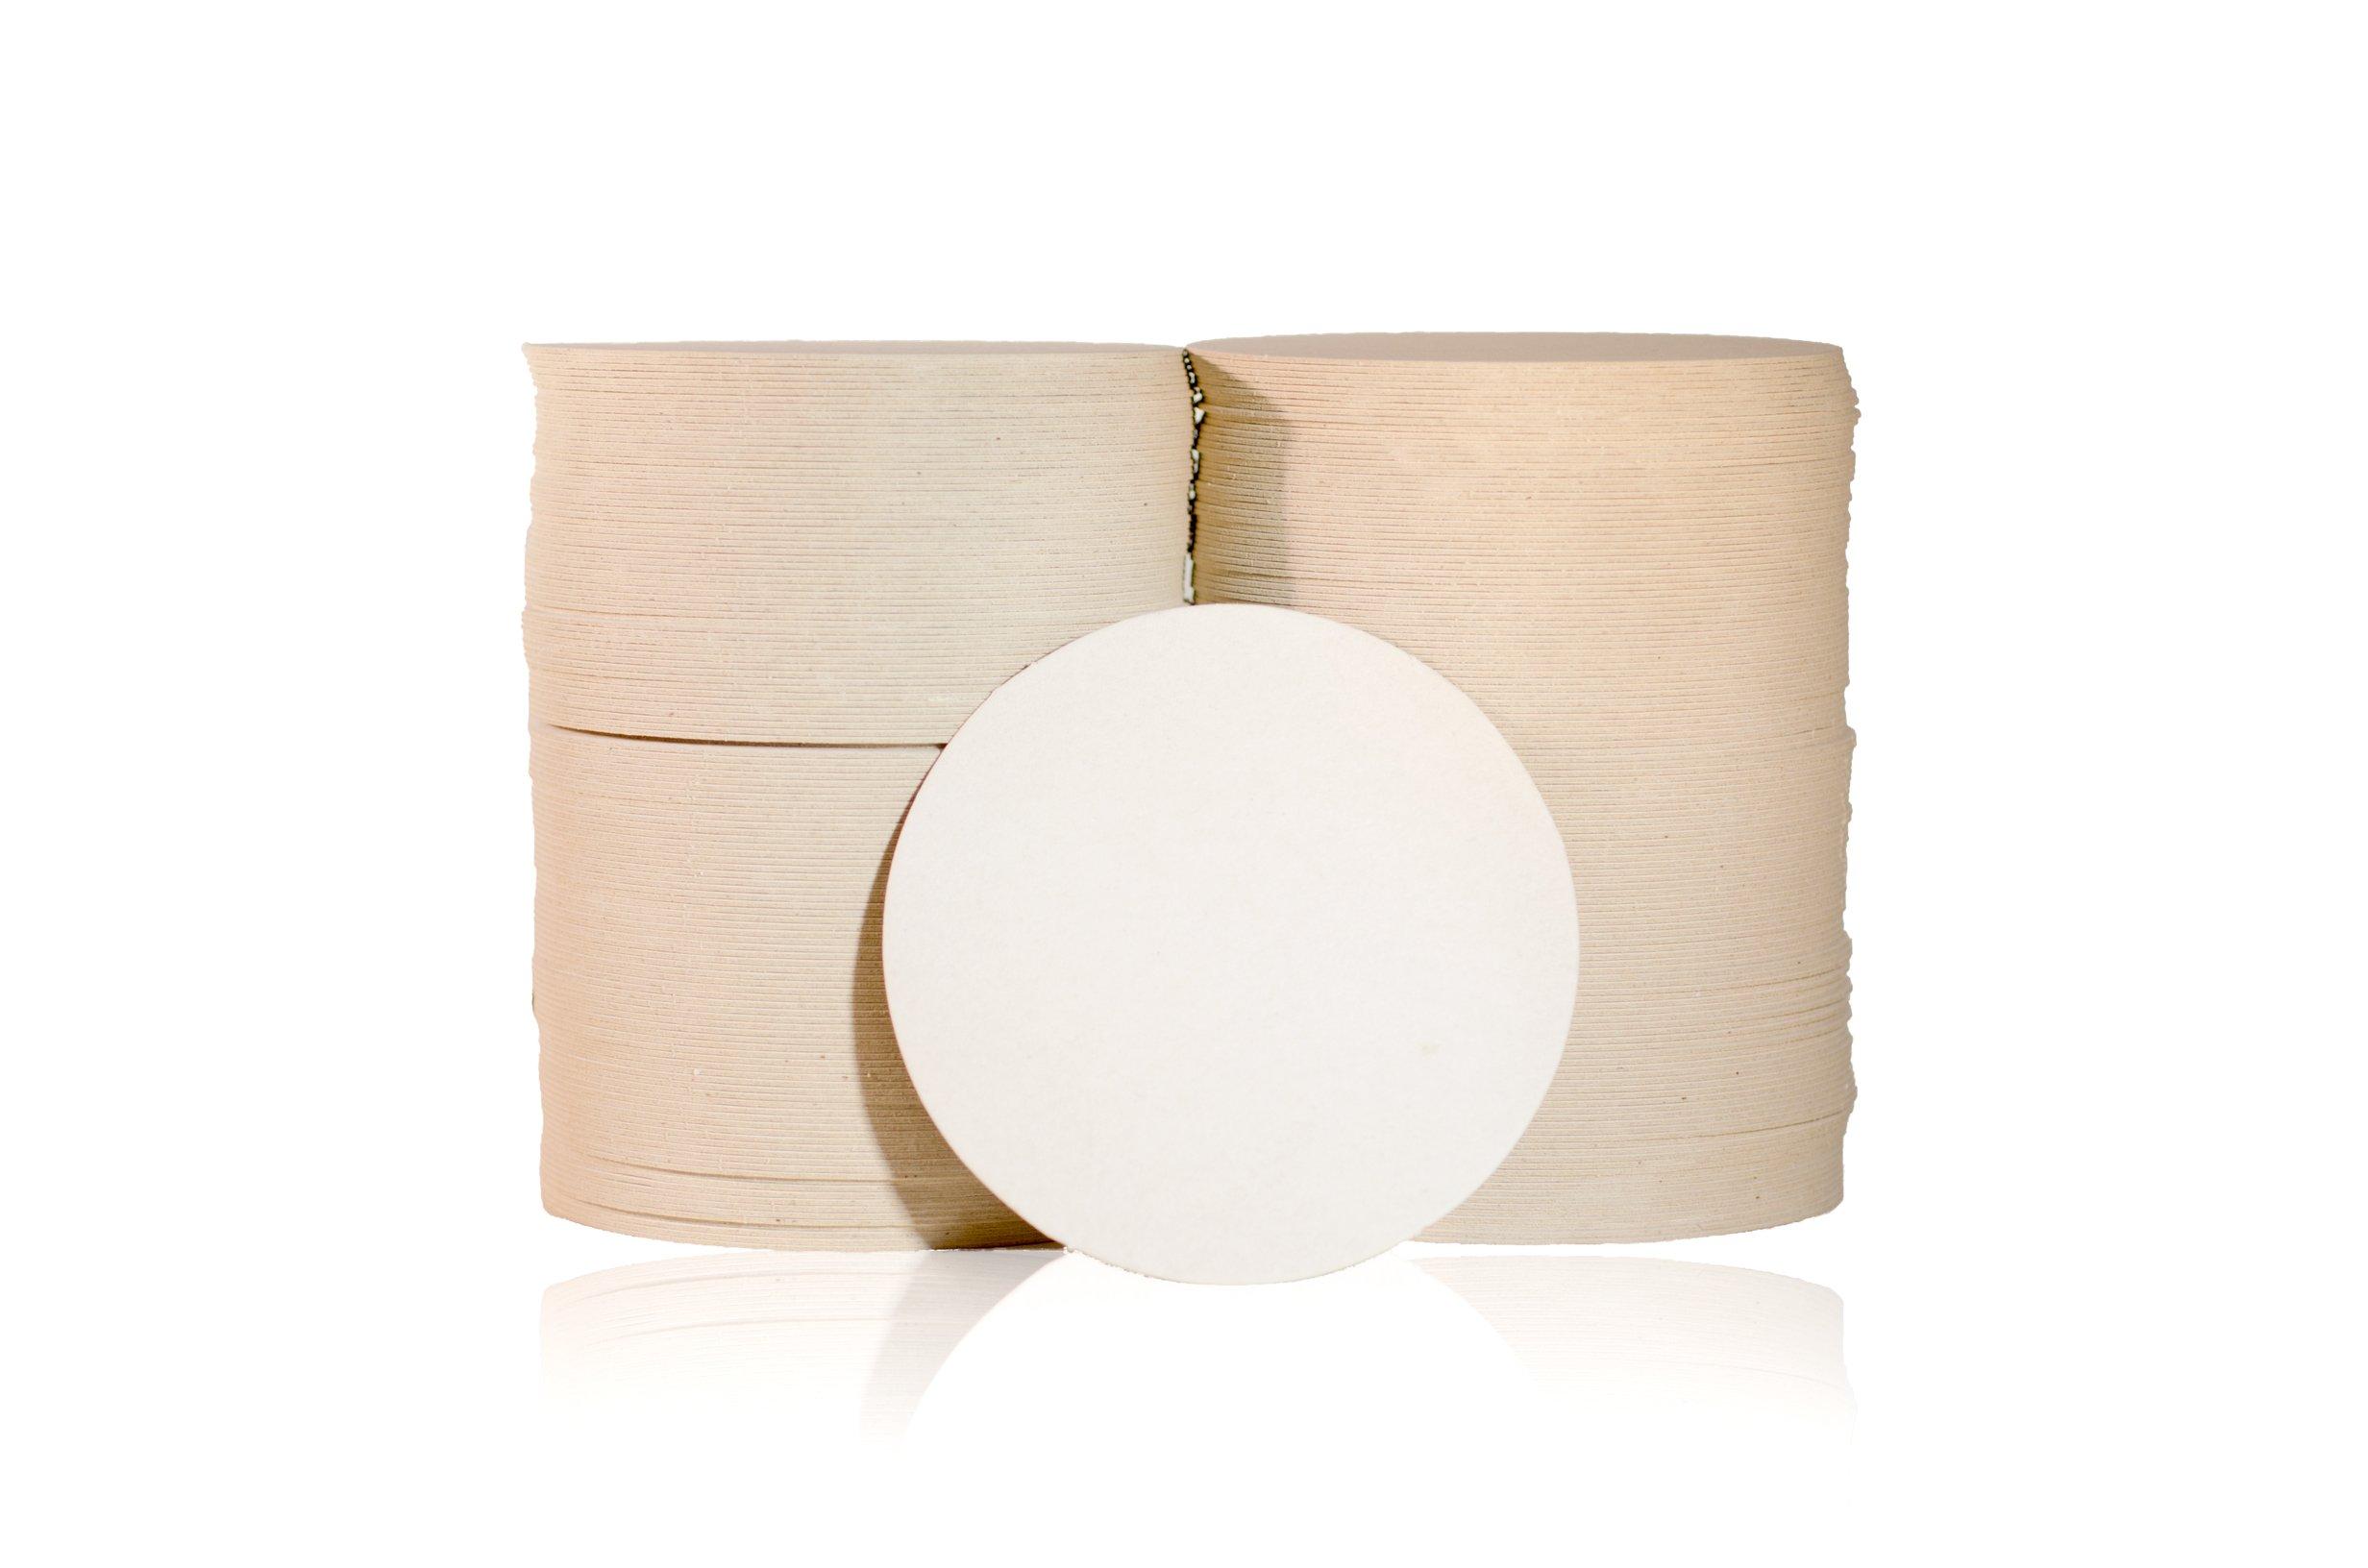 Katz Americas 3.5'' Round Lightweight (35pt) Blank Pulpboard Coaster (Case of 1,000)